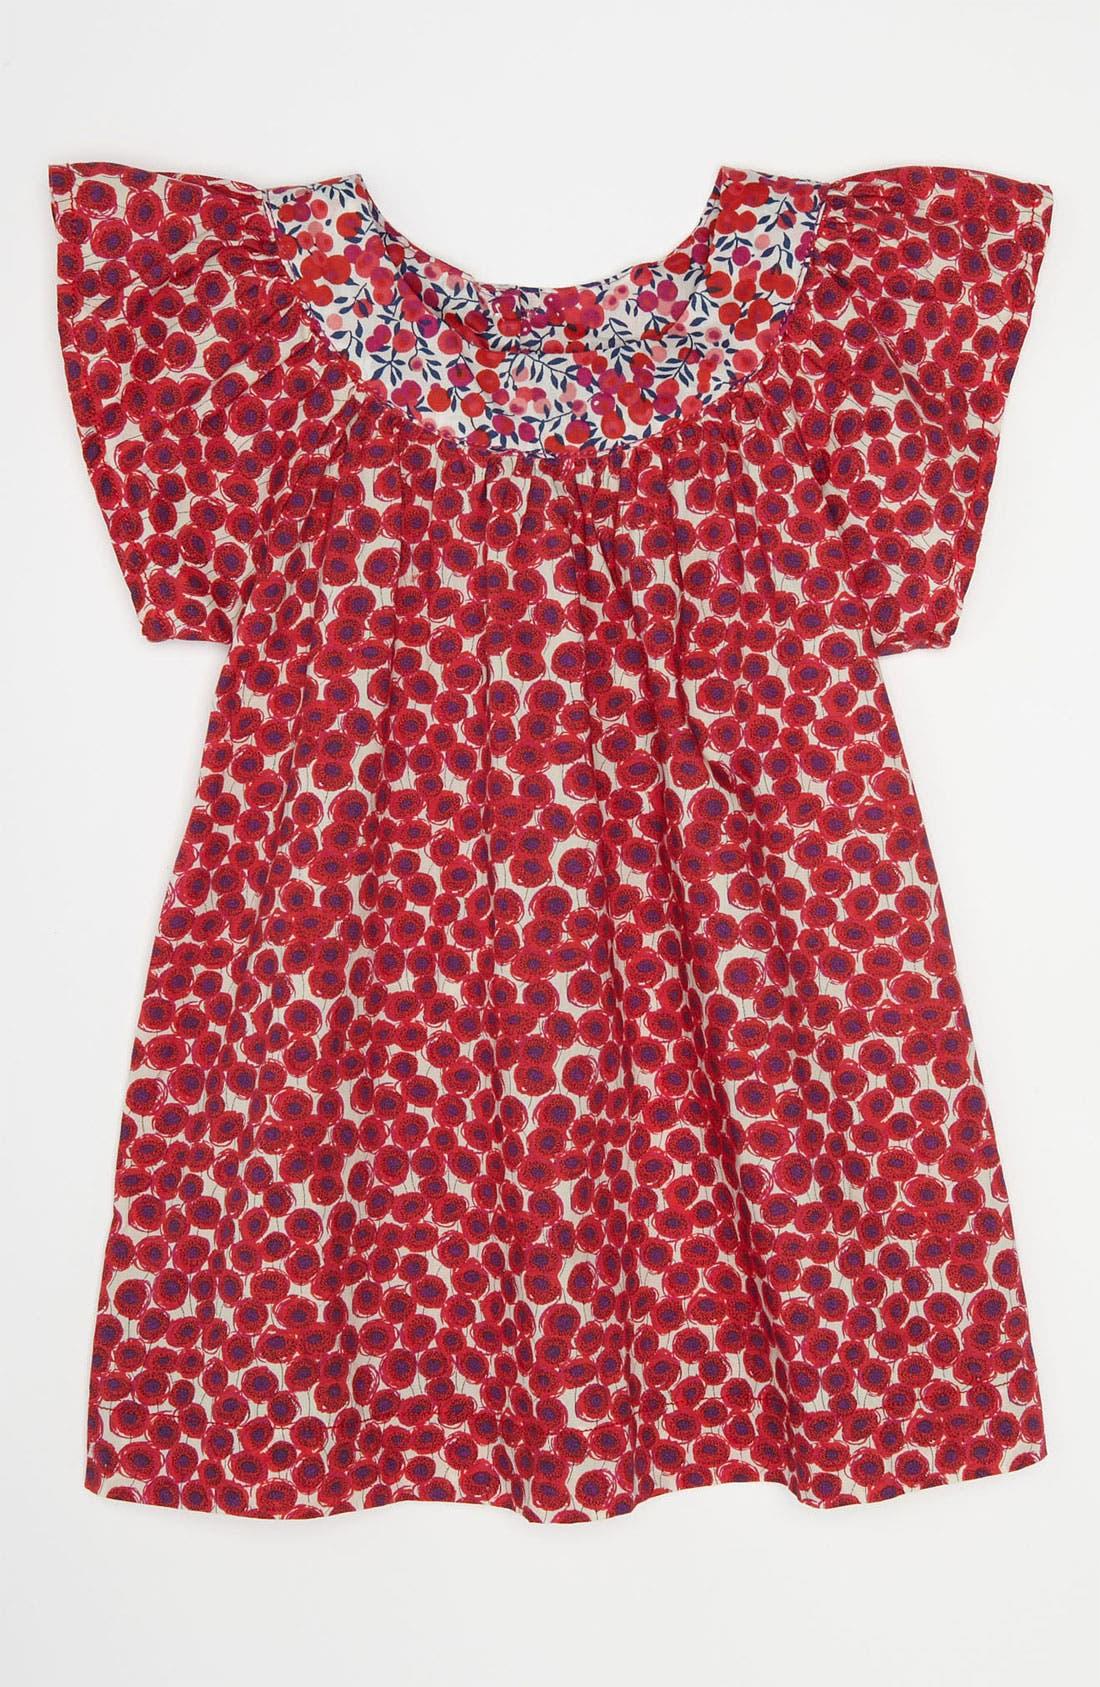 Alternate Image 1 Selected - Peek 'Angelica' Dress (Baby)